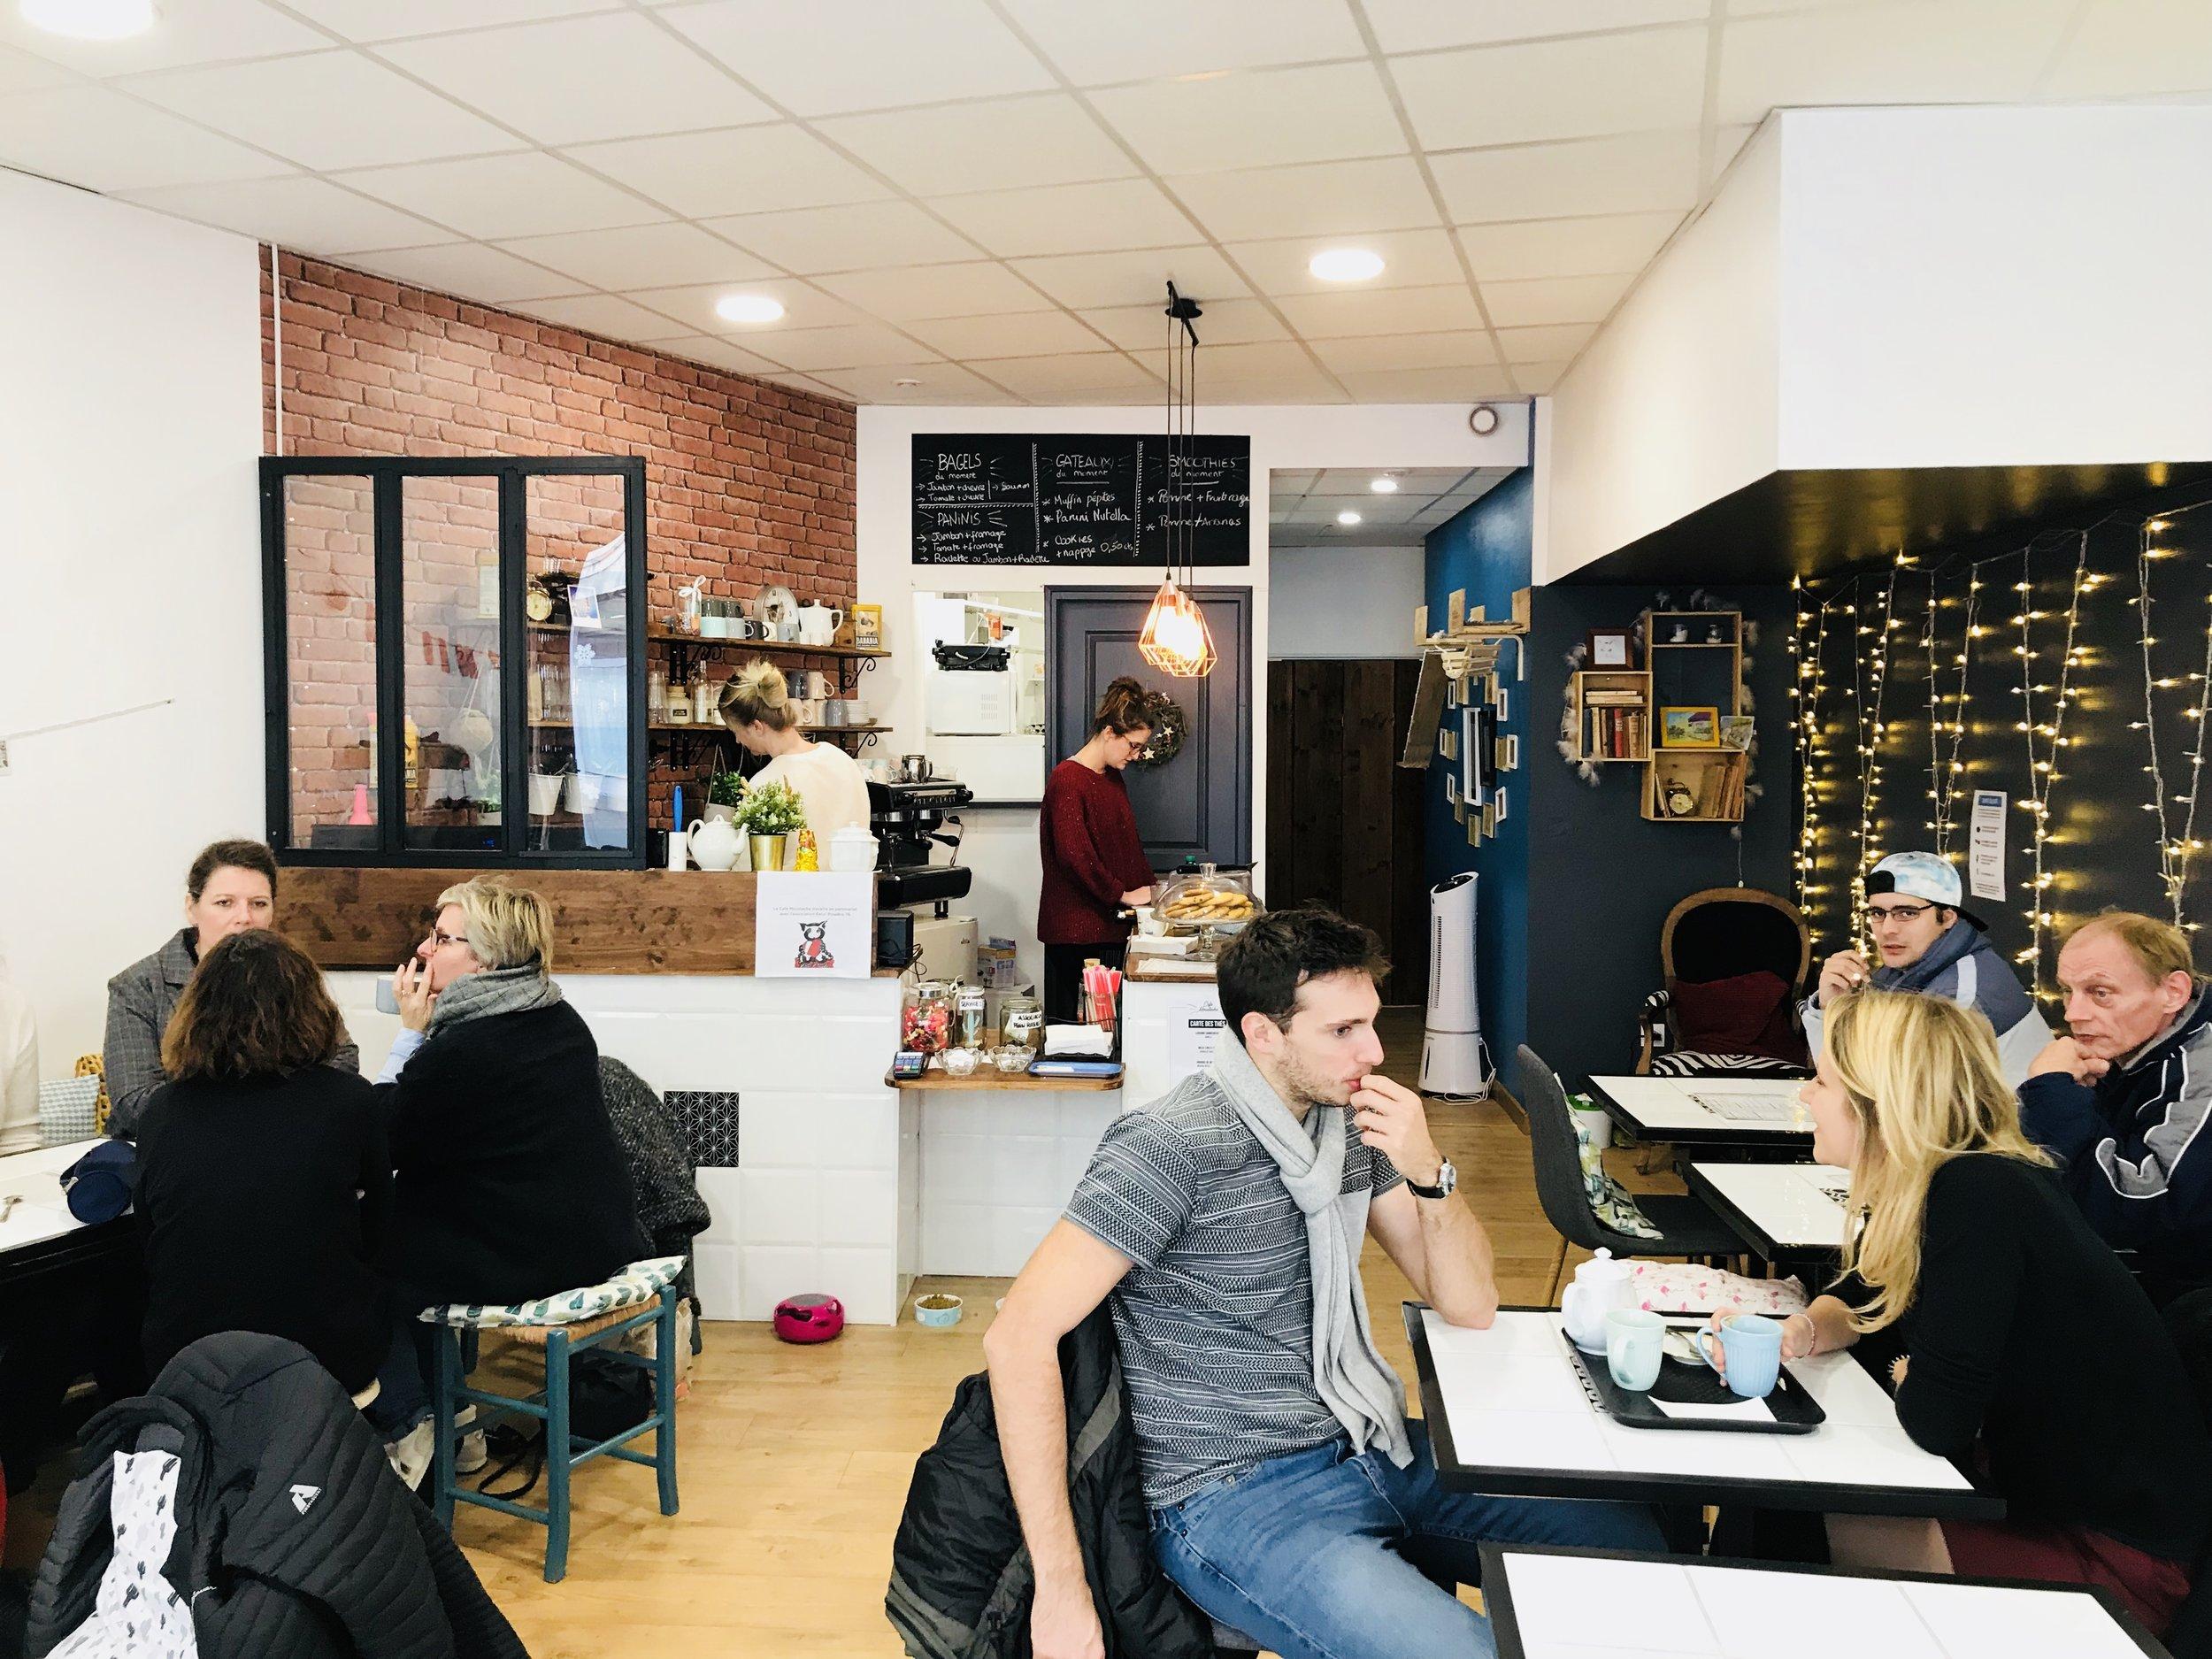 Cafe_moustache_rouen-08.jpg